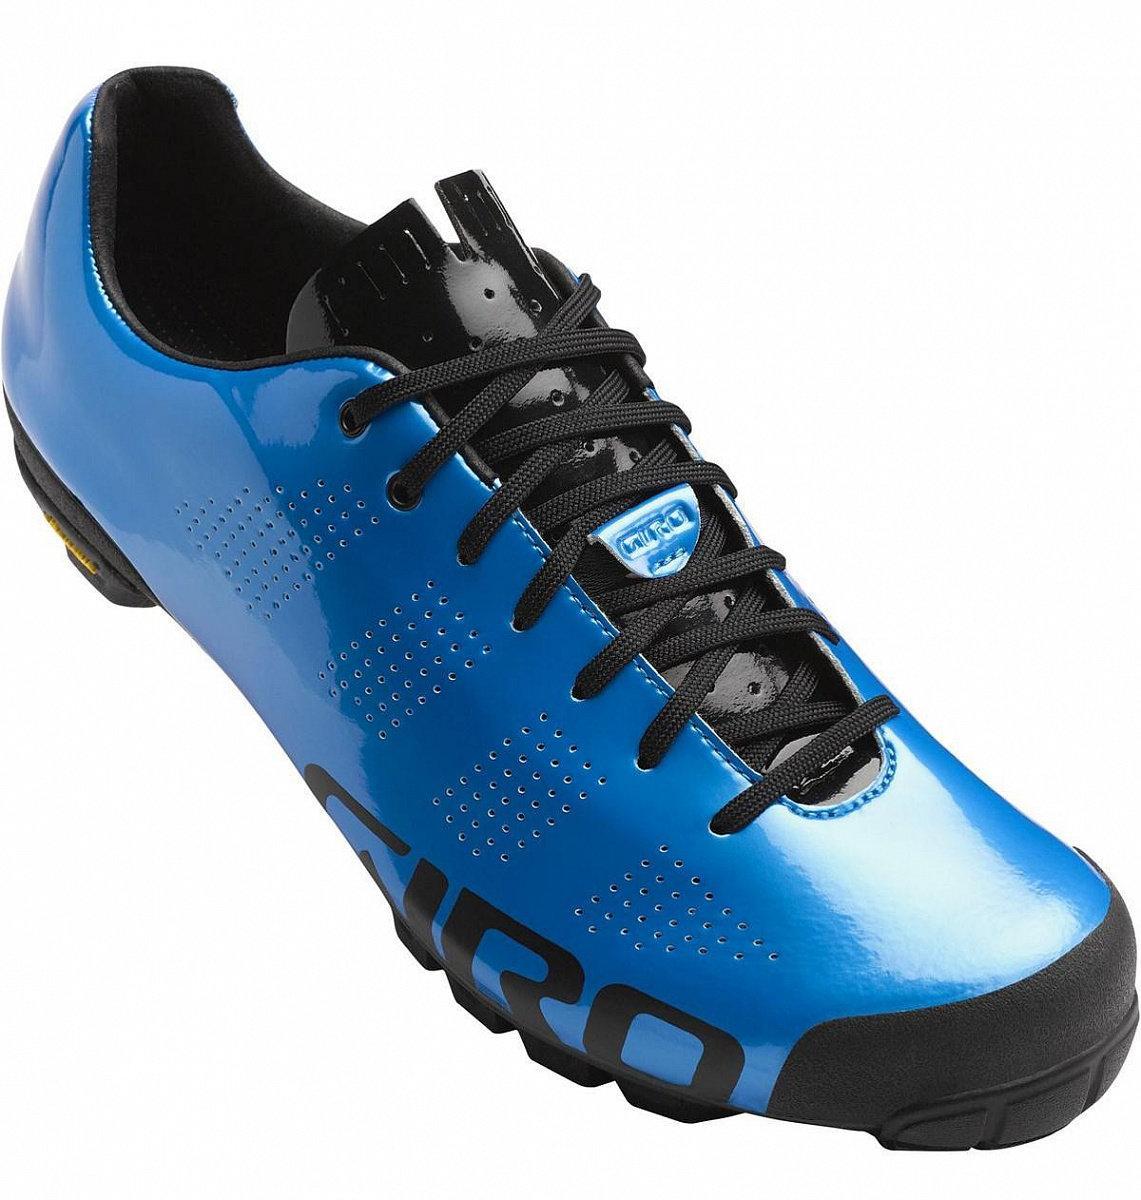 Велотуфли Giro Empire VR90 сине-черные 41,5р